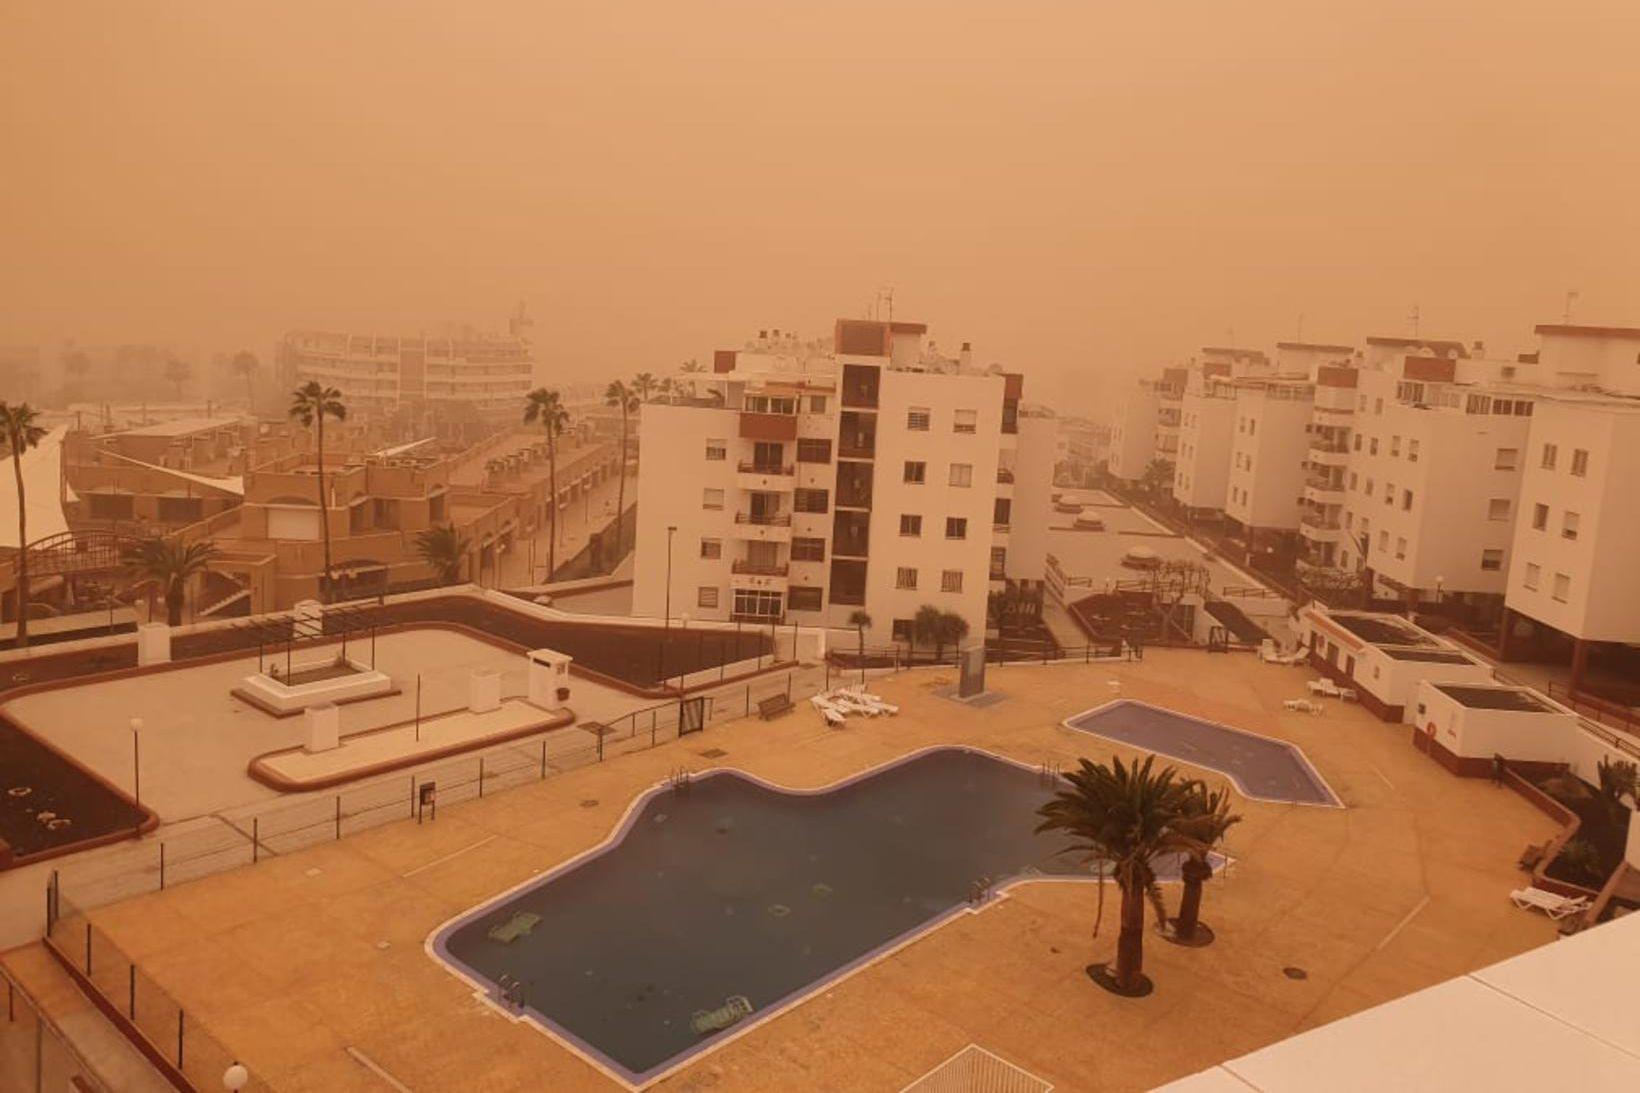 Mikill sandstormur hefur geisað á Kanaríeyjum í dag og var …